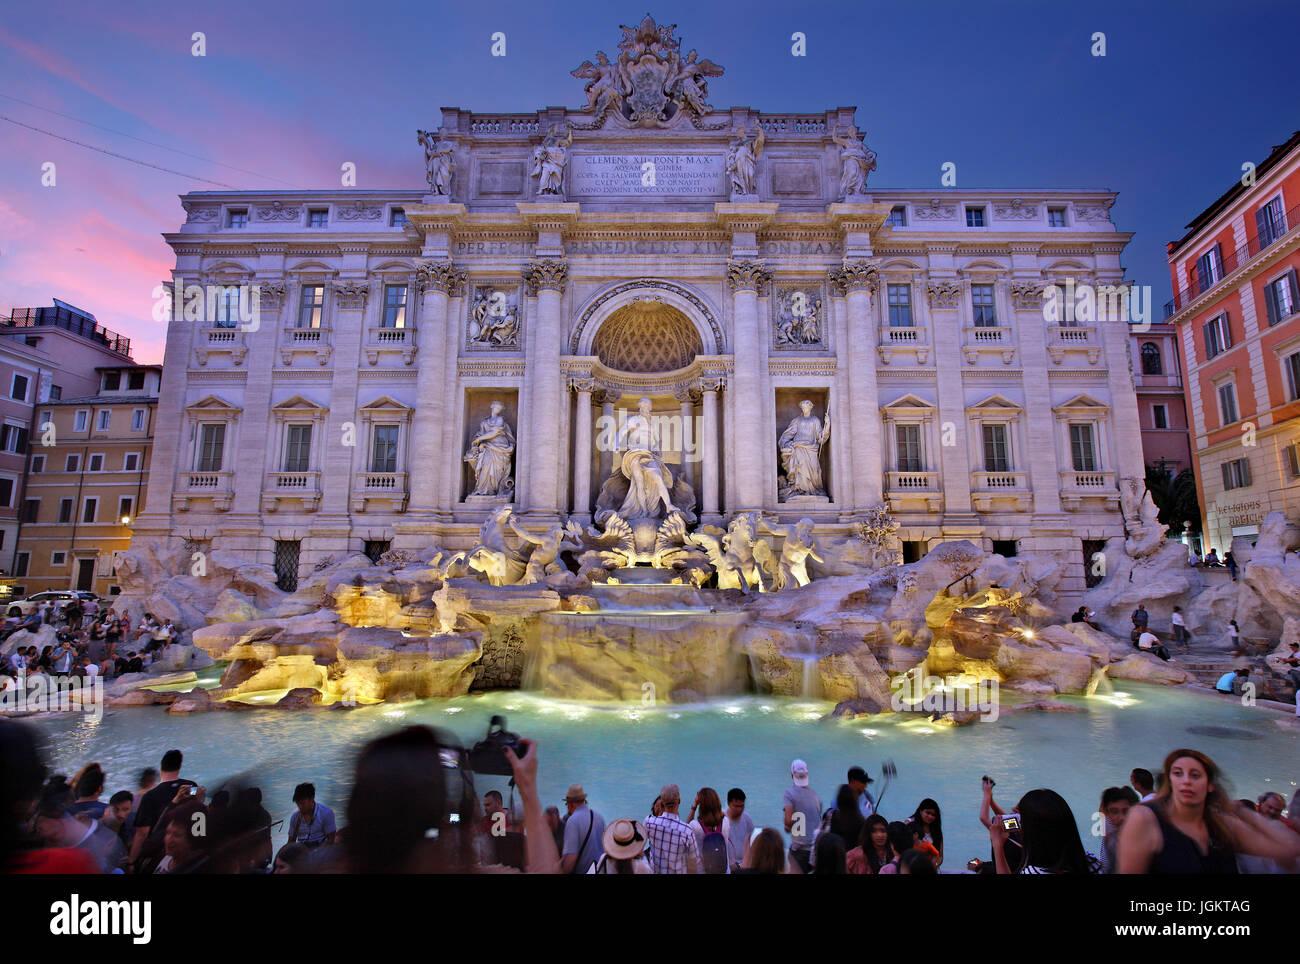 Nacht fallen an der Fontana di Trevi, Rom, Italien Stockbild